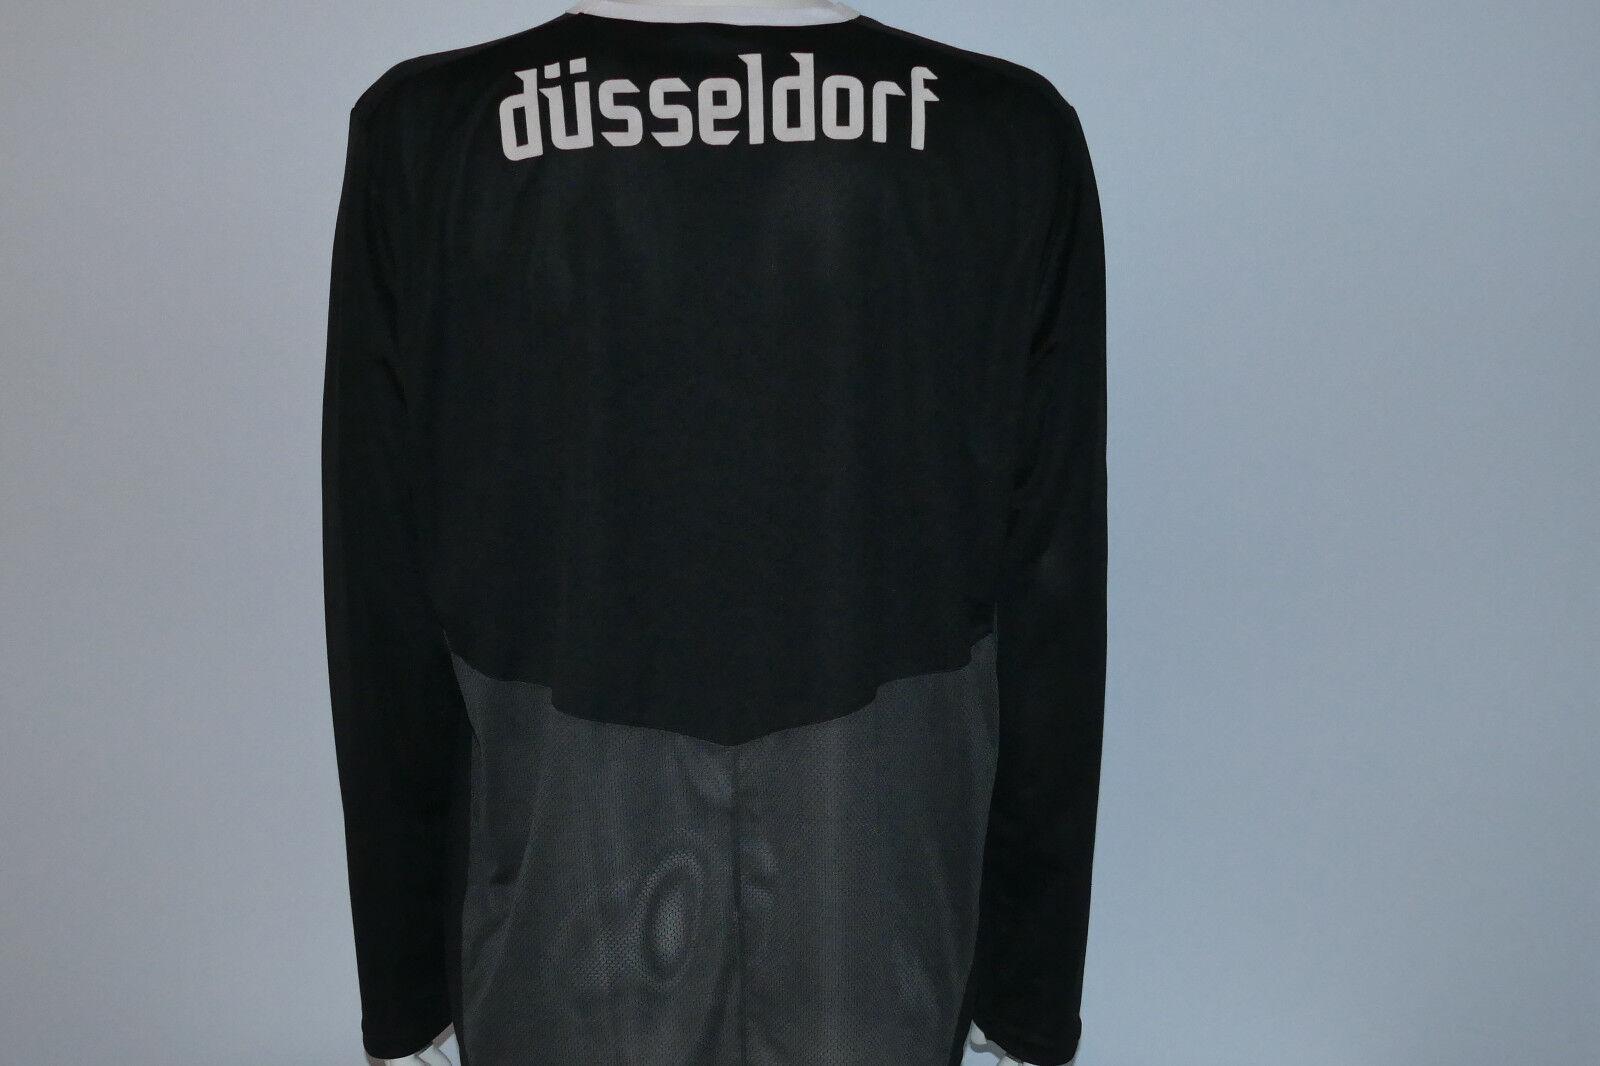 Trikot Fortuna Düsseldorf ORIGINAL PUMA Langarm Langarm PUMA schwarz  2007/2008  TOP Gr. XL d02f06